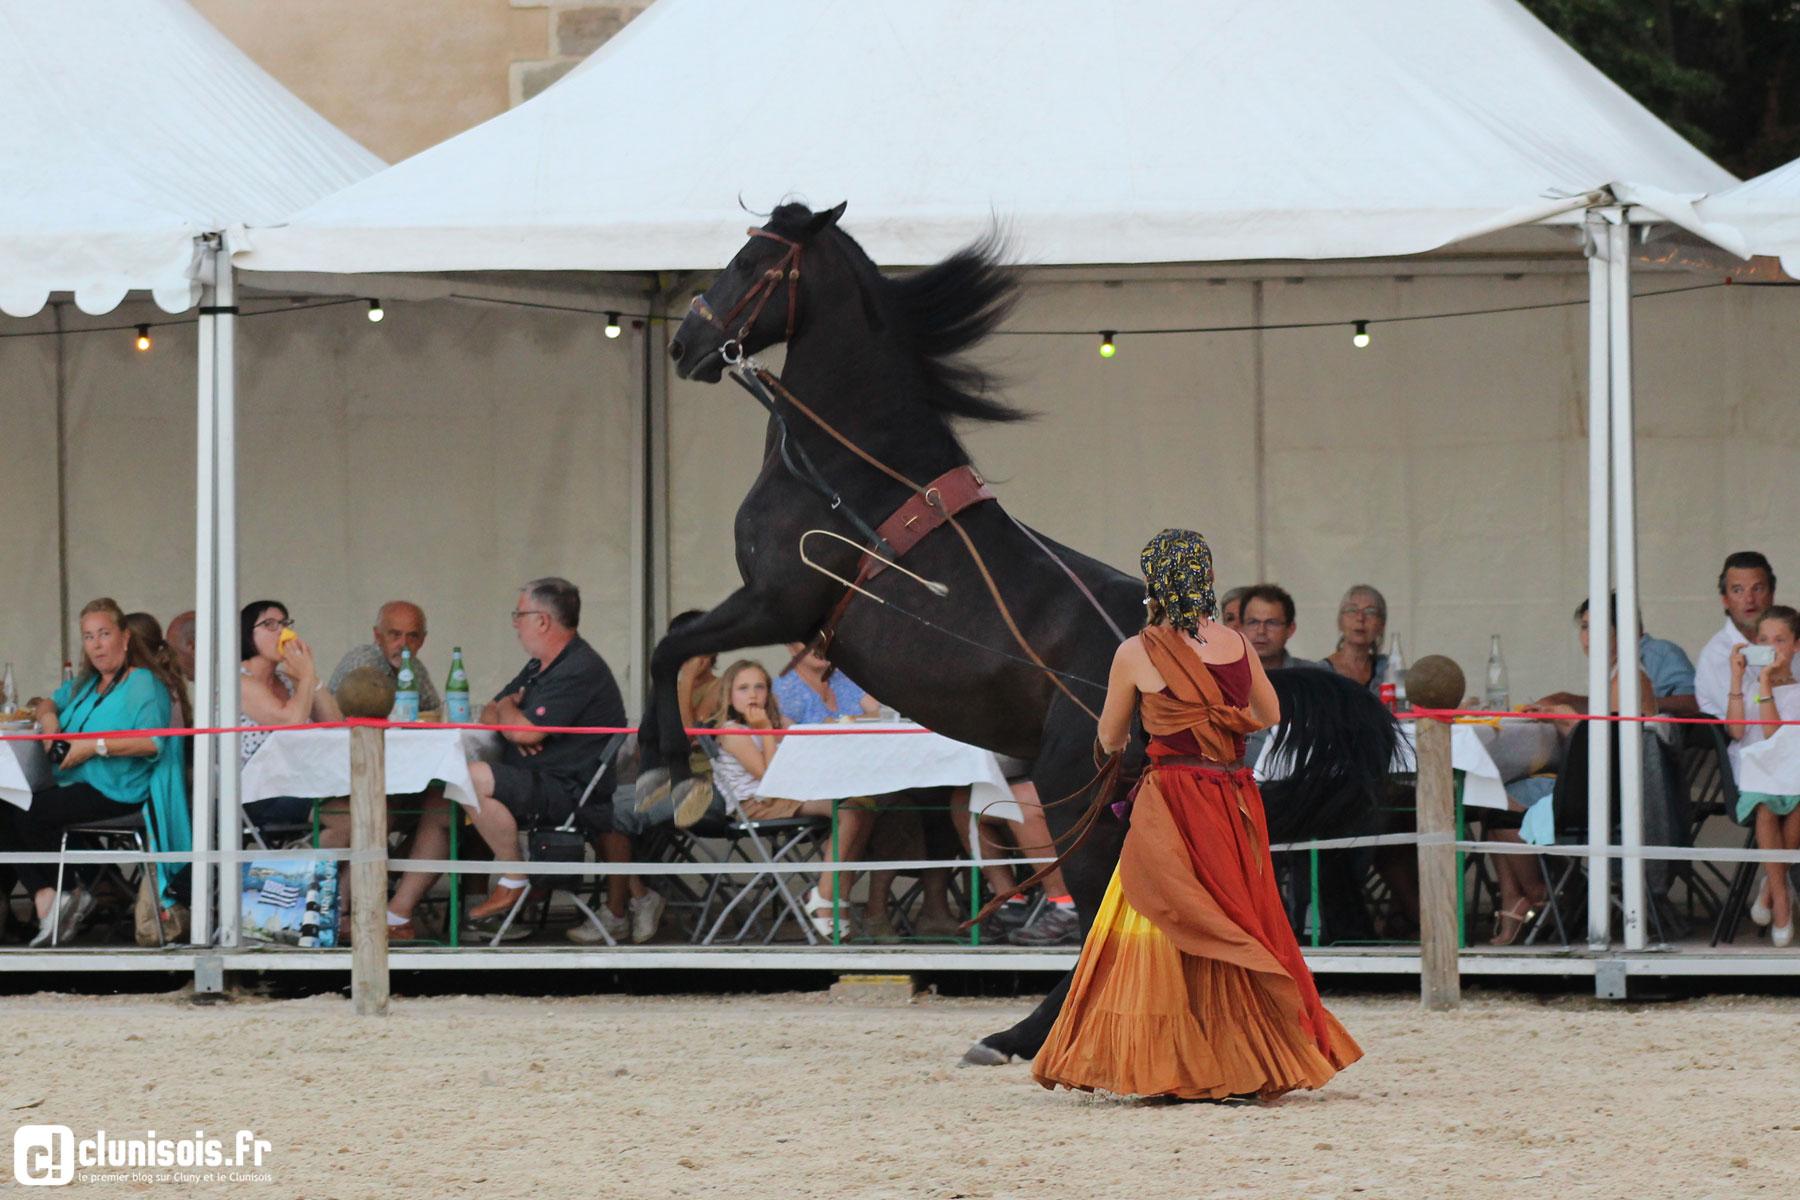 cabaret-equestre-haras-cluny-ete-2016-08